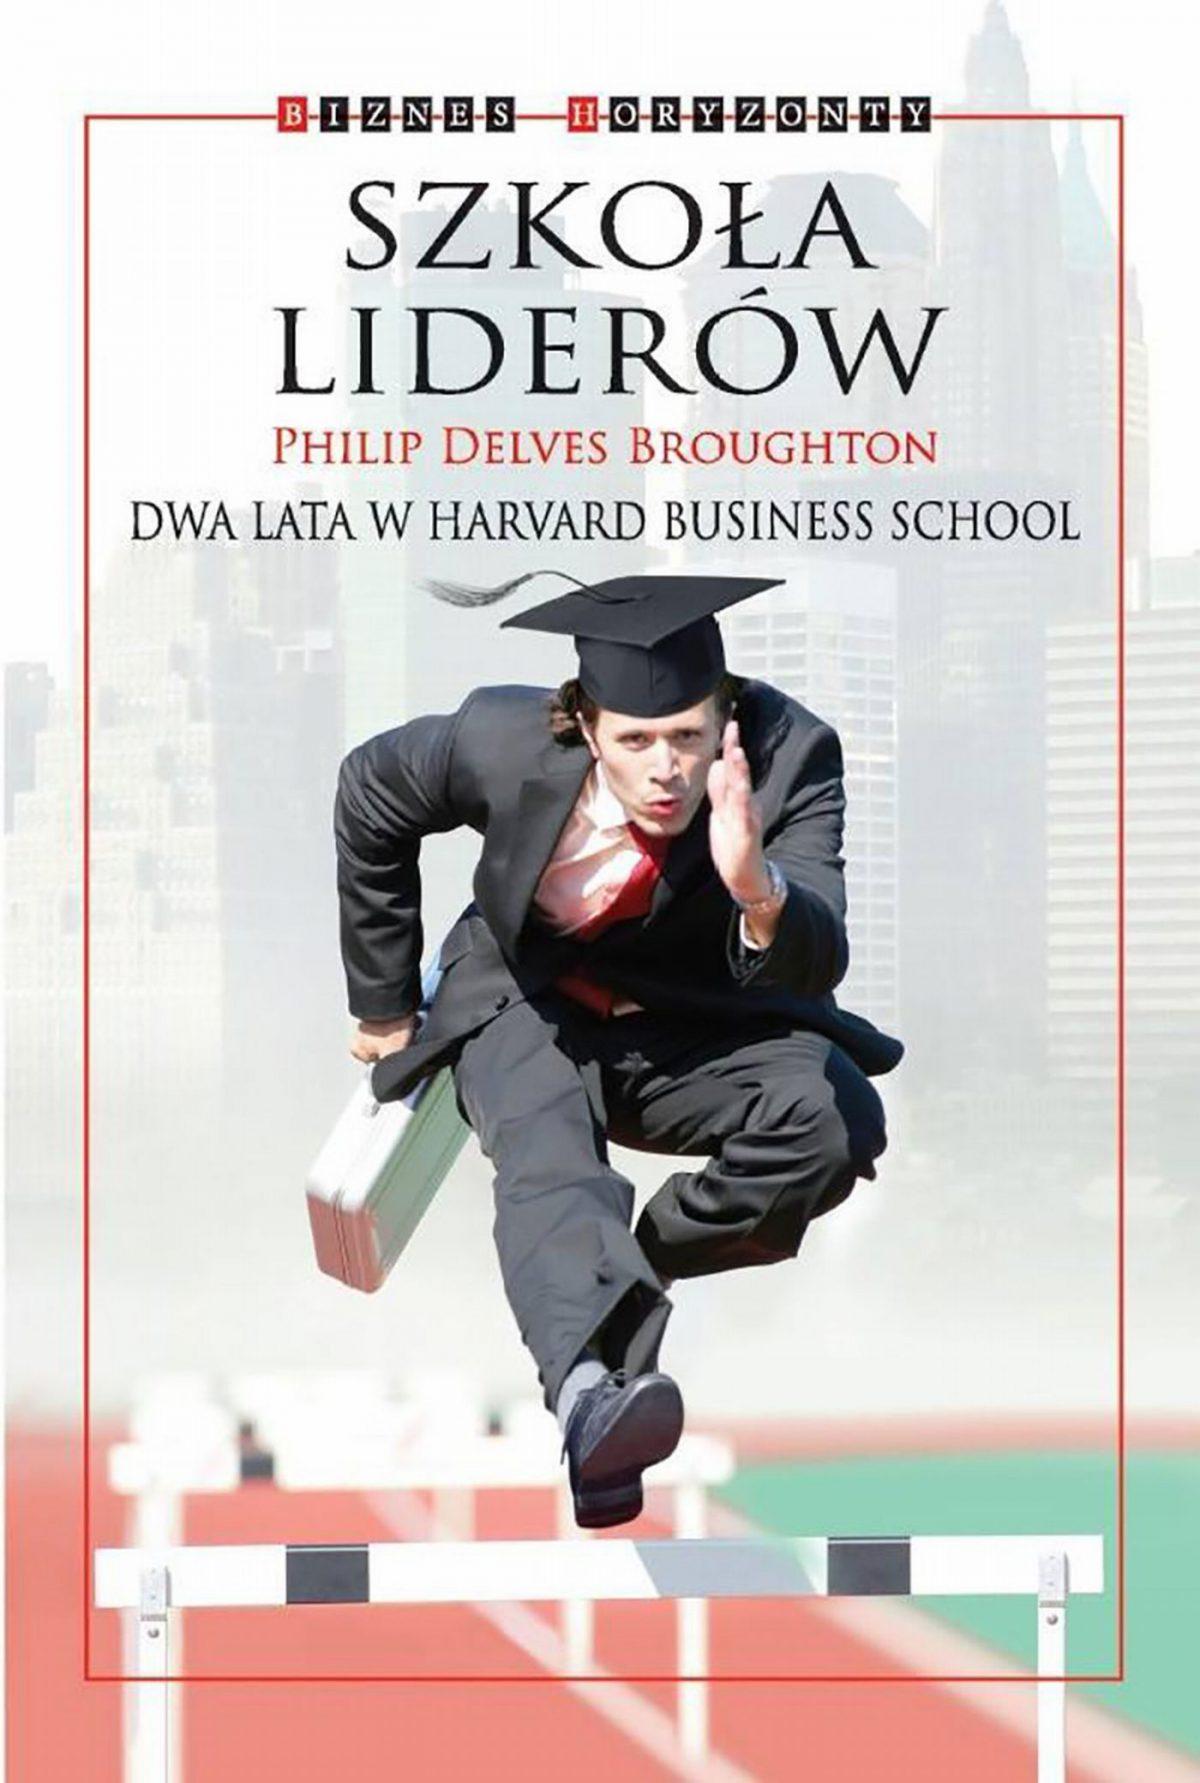 Szkoła liderów - Ebook (Książka na Kindle) do pobrania w formacie MOBI